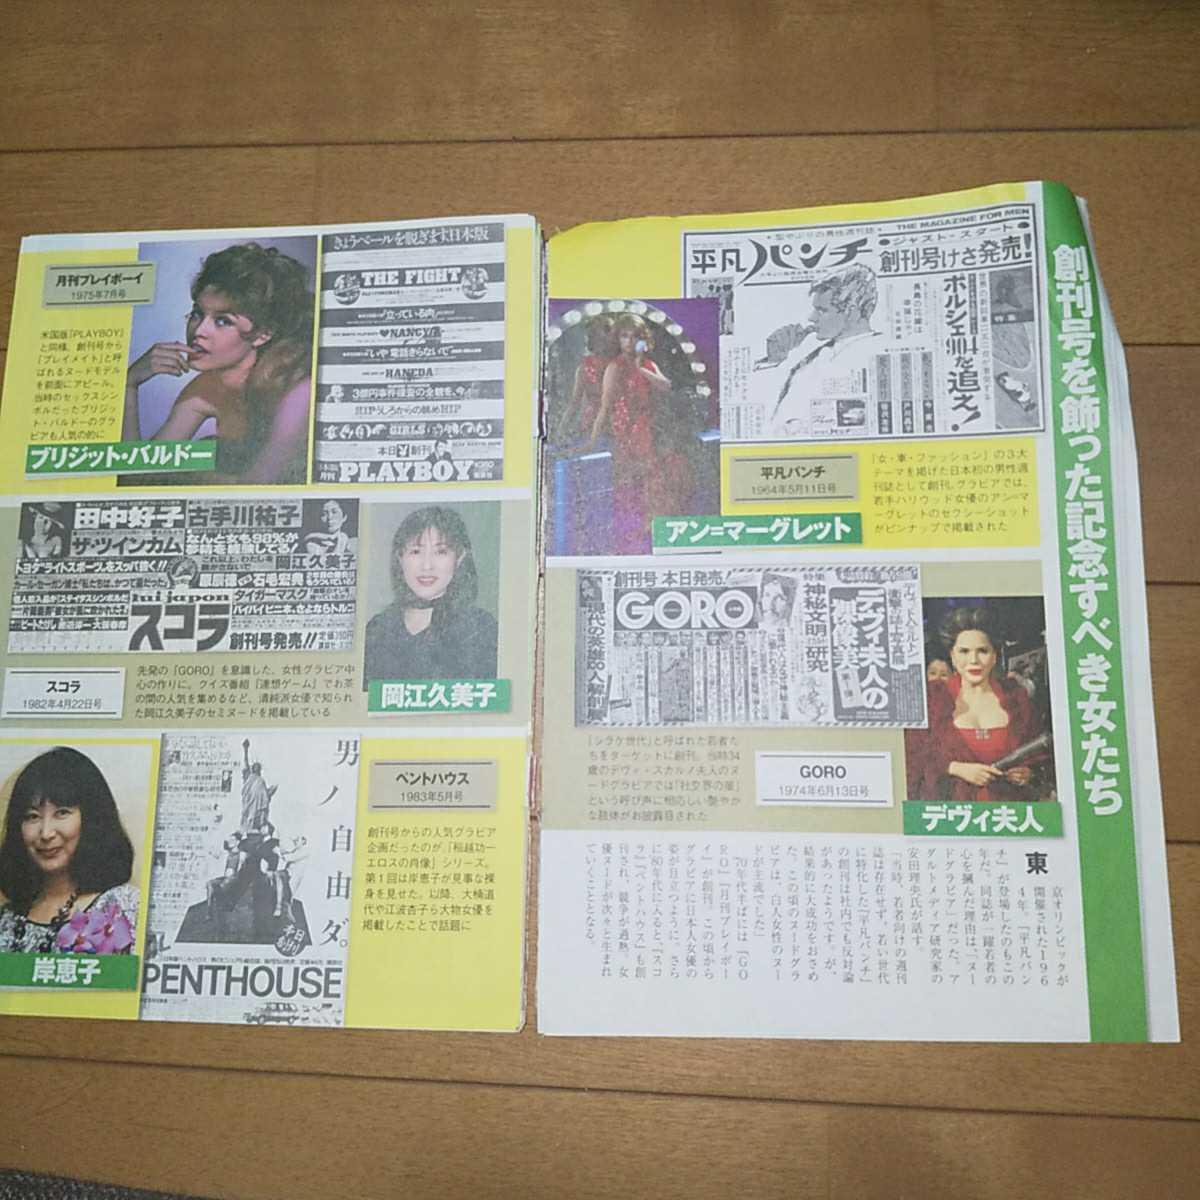 【雑誌切り抜き】 『GORO』『スコラ』『月刊プレイボーイ』『平凡パンチ』あの女優ヌードを憶えていますか 8P_画像2